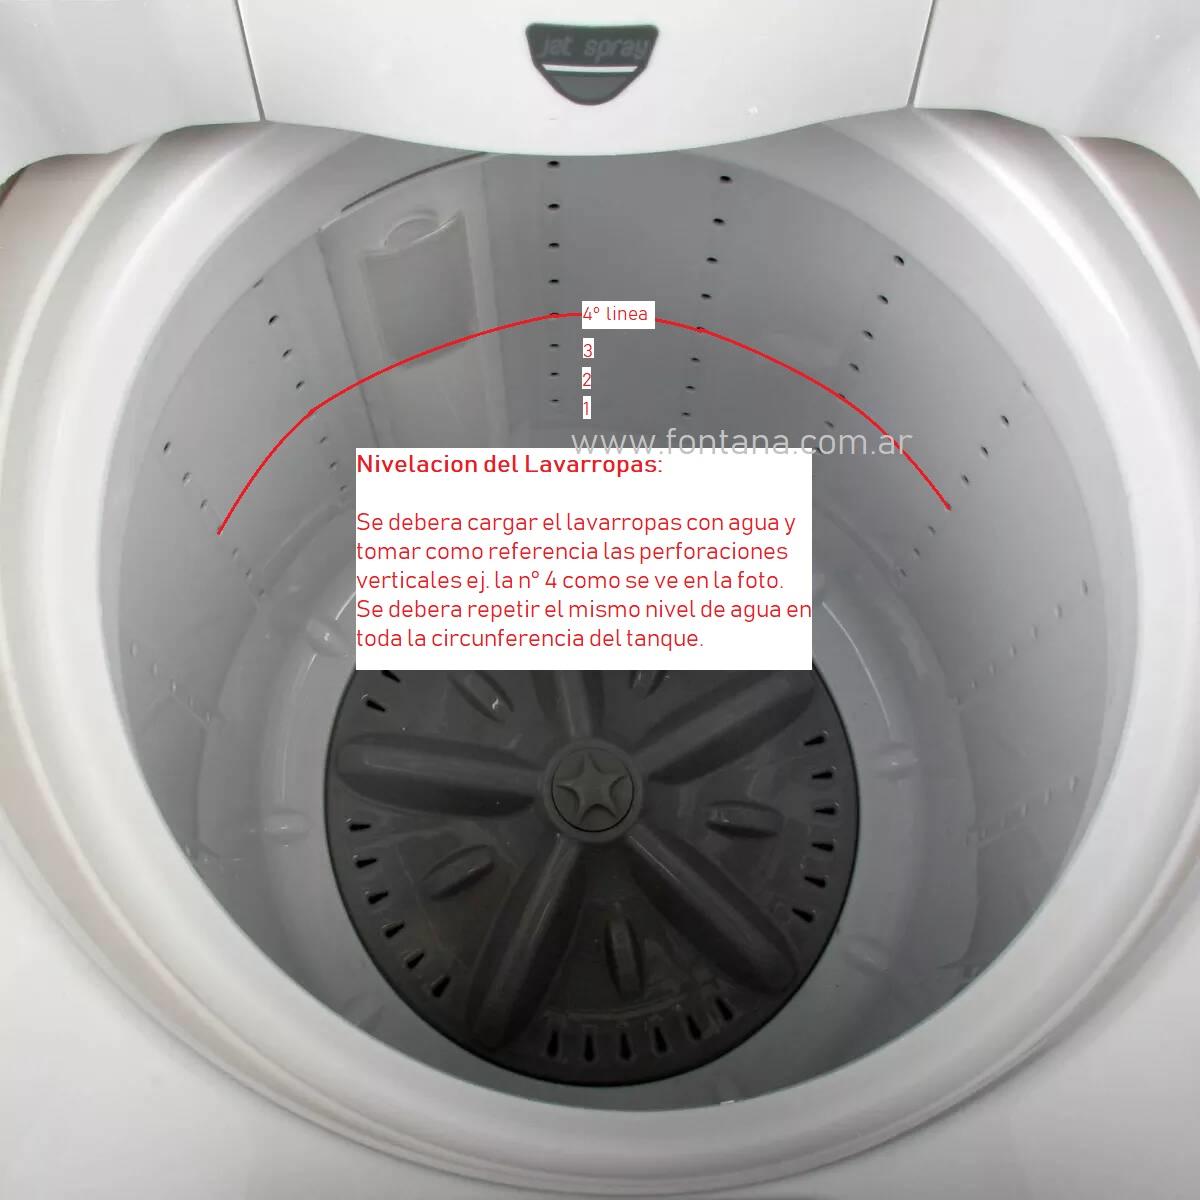 nivelacion lavarropas